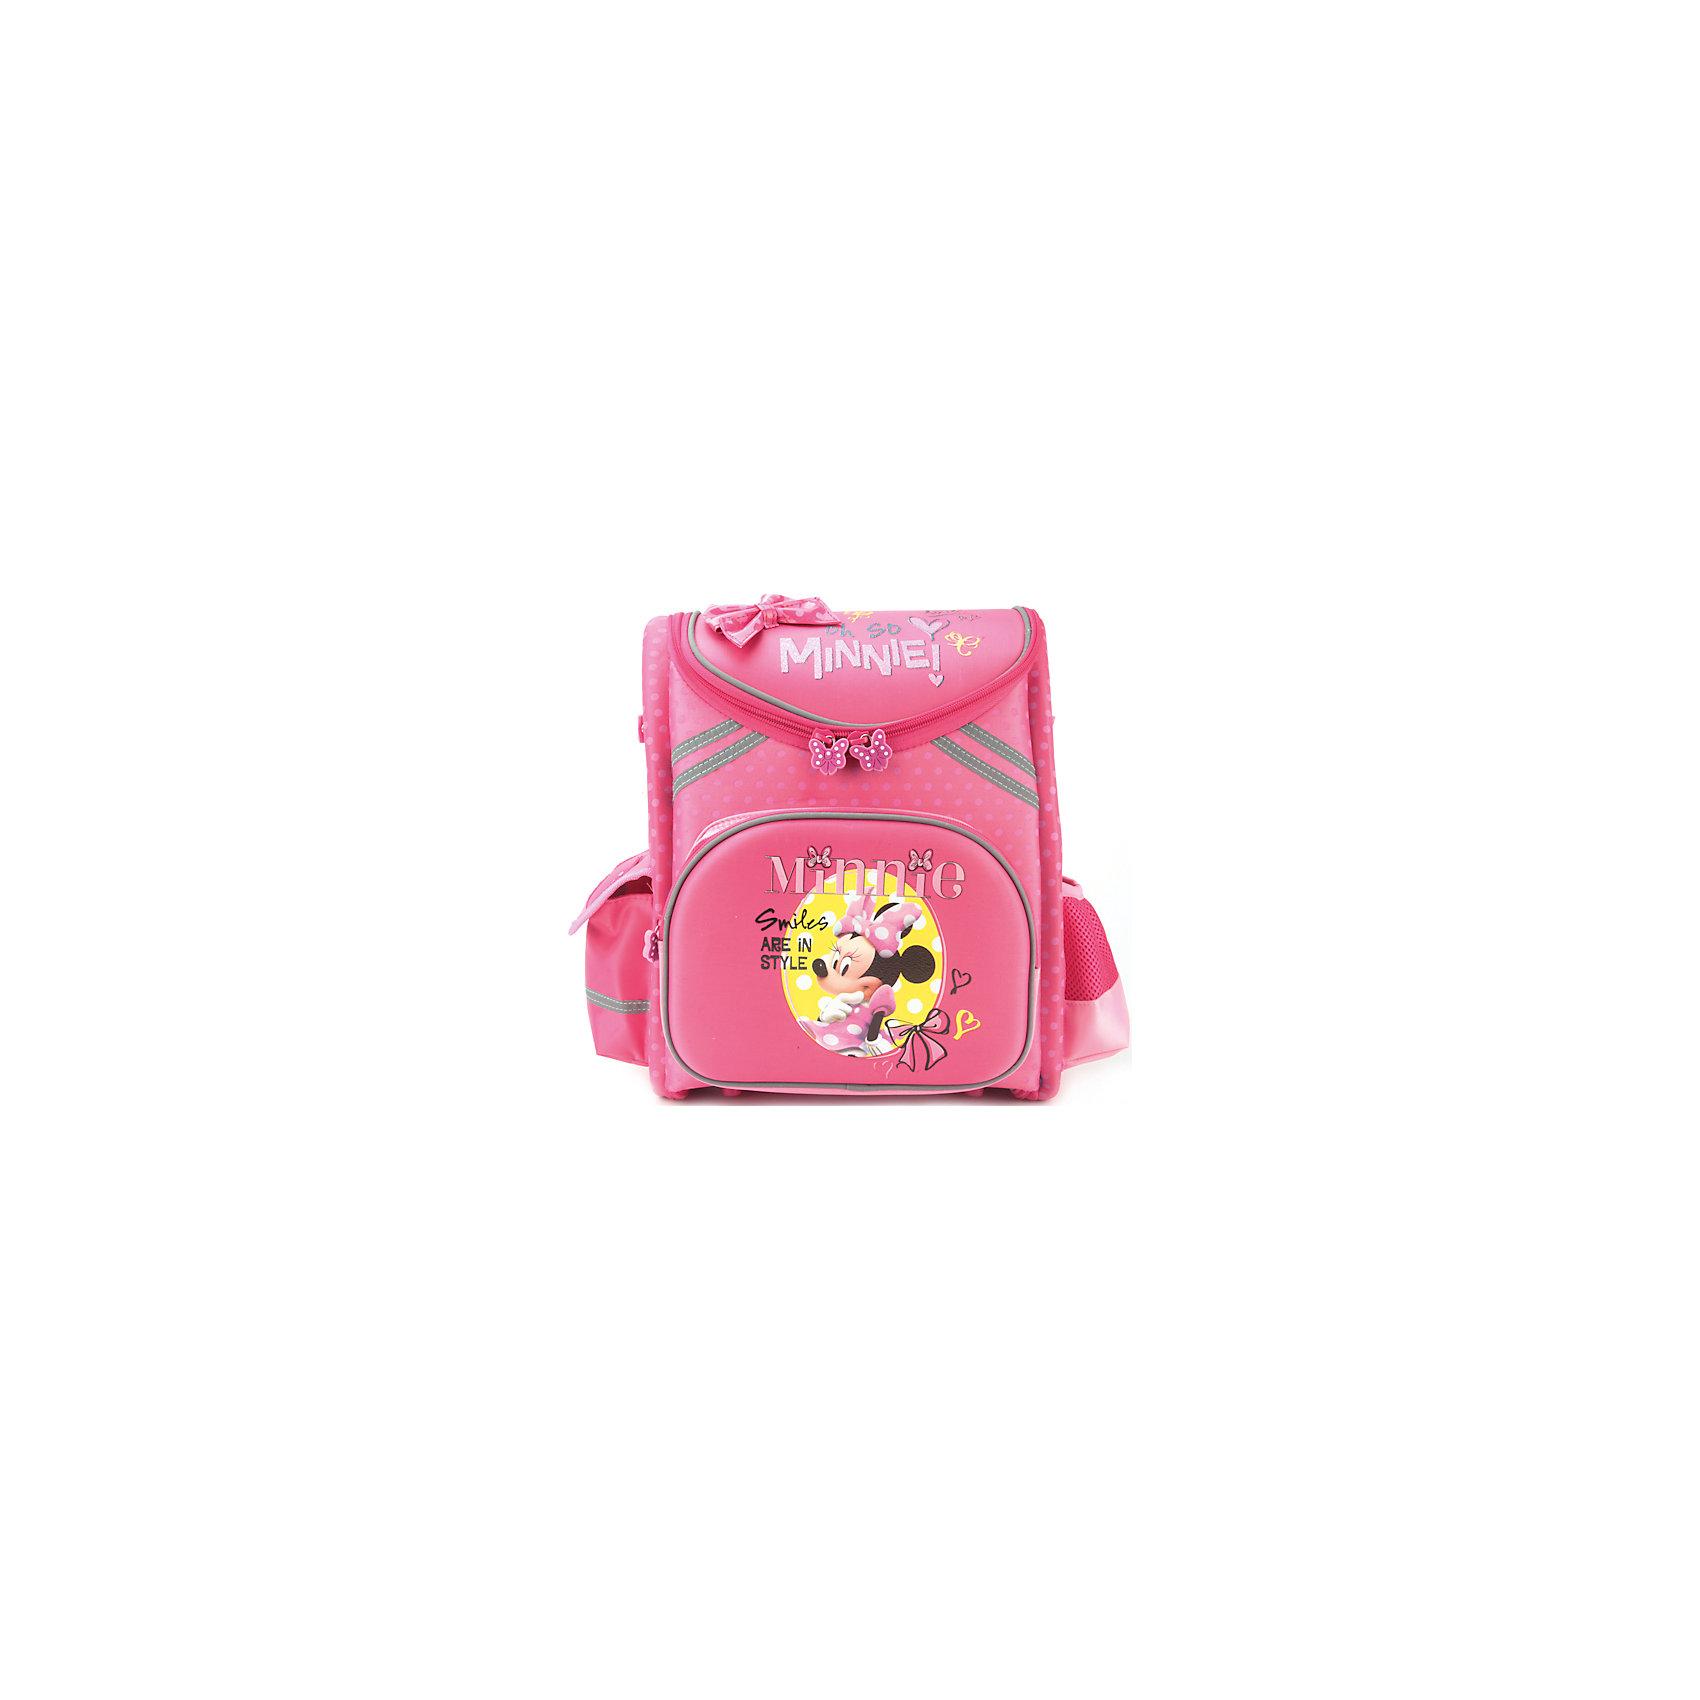 Рюкзак-трансформер Минни МаусРанцы<br>Рюкзак-трансформер Минни Маус - удобный и практичный школьный рюкзак для повседневного использования. Рюкзак выполнен из прочного, износоустойчивого и водонепроницаемого материала. Маленькой школьнице непременно понравится привлекательный дизайн с красивой розовой расцветкой и изображением очаровательной мышки Минни из популярных диснеевских мультфильмов. Благодаря удобной ортопедической спинке позвоночник ребенка не будет испытывать больших нагрузок во время эксплуатации рюкзака. Широкие лямки, регулируемые по длине, равномерно распределяют нагрузку на плечевой пояс. Также есть удобная прорезиненная ручка для транспортировки. <br><br>Рюкзак на молнии полностью расстегивается до дна, что позволяет его складывать или положит внутрь то, что не влезло бы в обычный карман. Внутри одно основное просторное отделение с отсеками для книг и тетрадей. На лицевой стороне расположен большой накладной карман на молнии, с одной из боковых сторон  - карман-сетка, с другой закрытый карман на липучке. Светоотражающие элементы обеспечивают безопасность в темное время суток. При загрязнении рюкзак легко очищается водой с мылом. К рюкзаку прилагается приятный сюрприз для девочки - симпатичный браслет с изображением мышки Минни. <br><br>Дополнительная информация:<br><br>- Материал: текстиль, пластик, резина.  <br>- Размер: 37 х 32 х 17 см.<br>- Вес: 1,05 кг.<br><br>Рюкзак-трансформер Минни Маус 37*32*17 см., Играем Вместе, можно купить в нашем интернет-магазине.<br><br>Ширина мм: 370<br>Глубина мм: 320<br>Высота мм: 170<br>Вес г: 1050<br>Возраст от месяцев: 48<br>Возраст до месяцев: 96<br>Пол: Женский<br>Возраст: Детский<br>SKU: 4637665